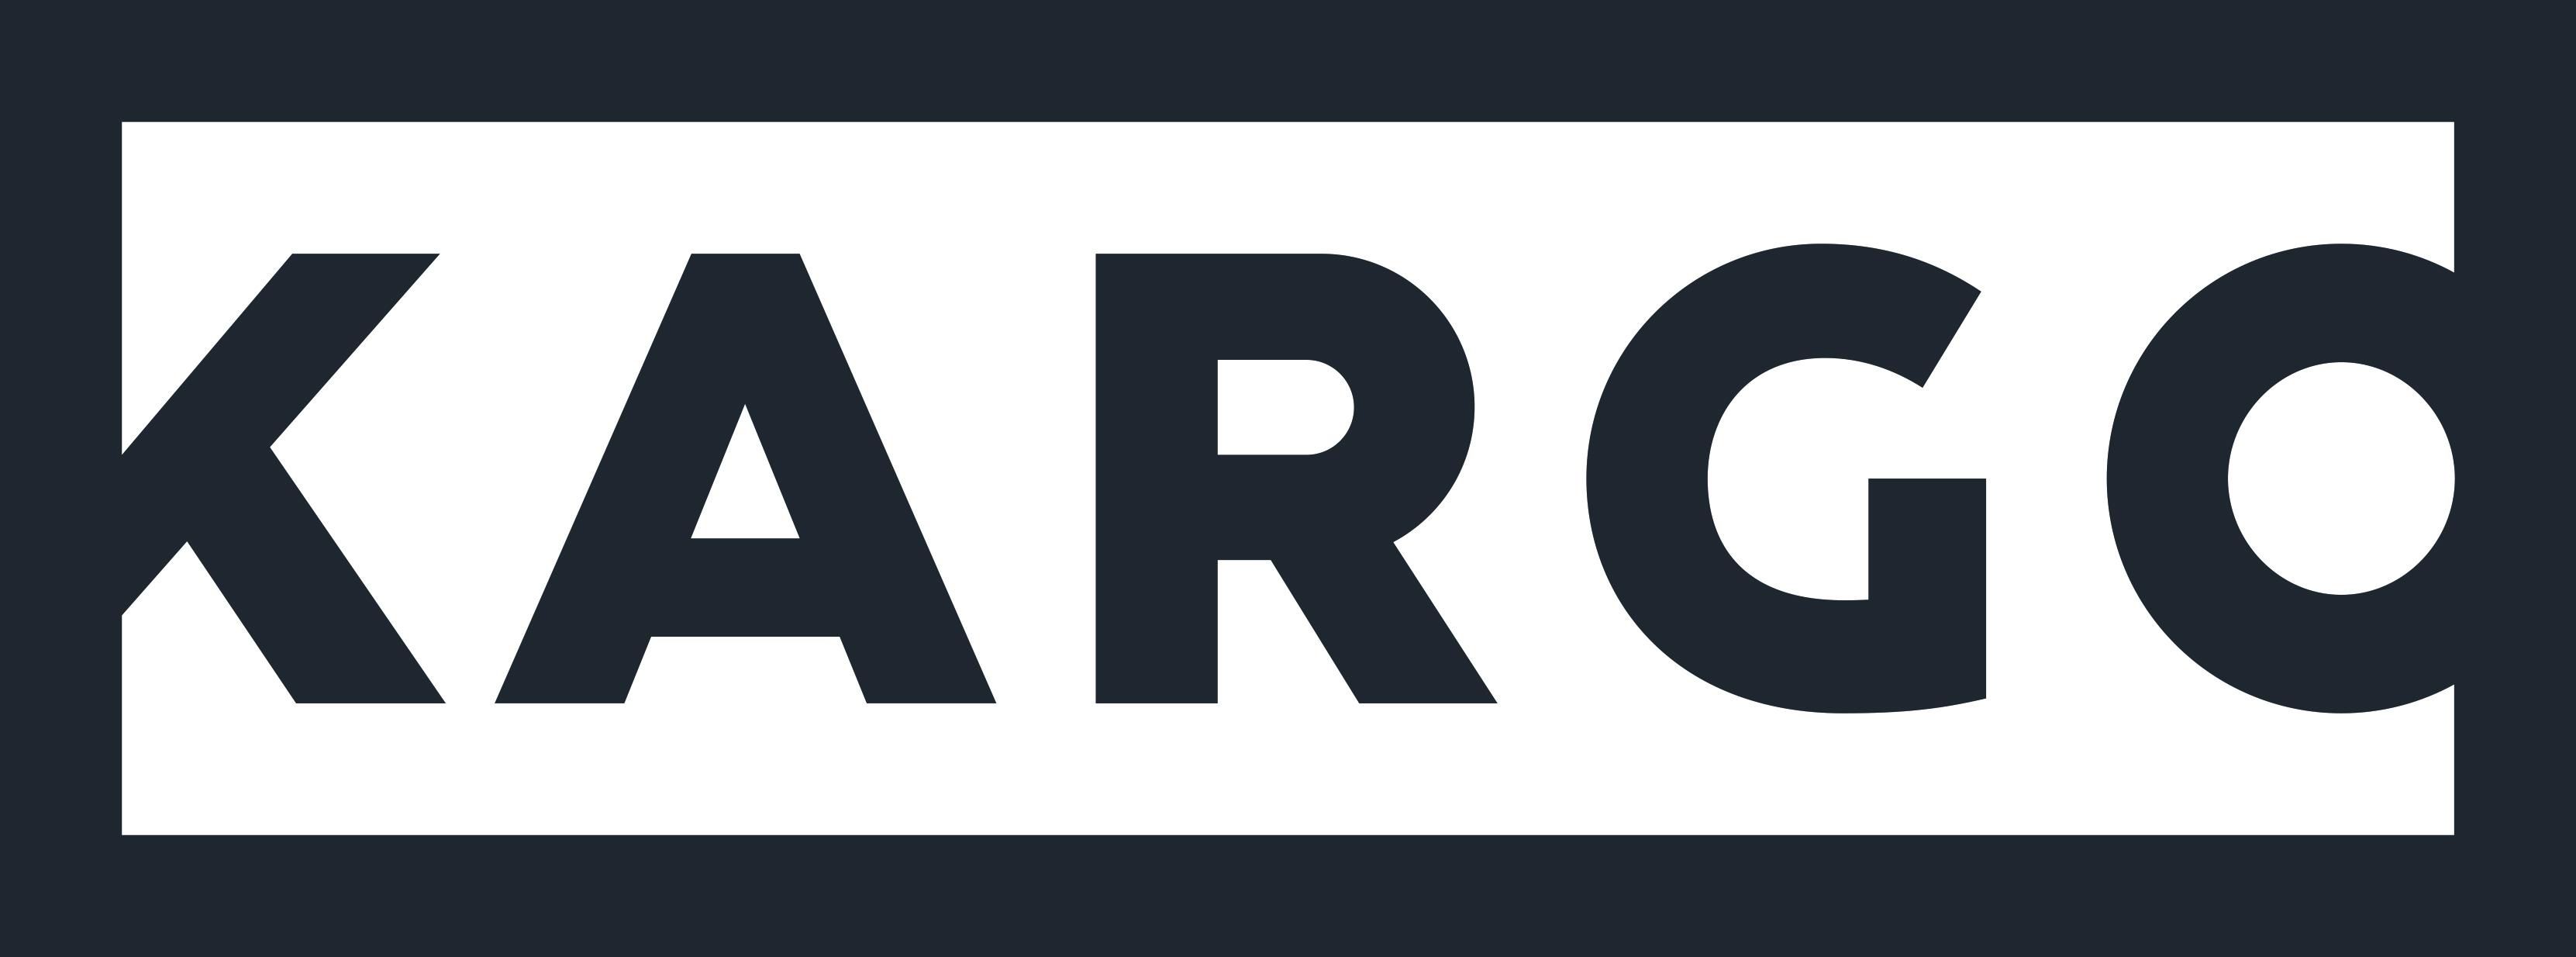 https://kargo.com/